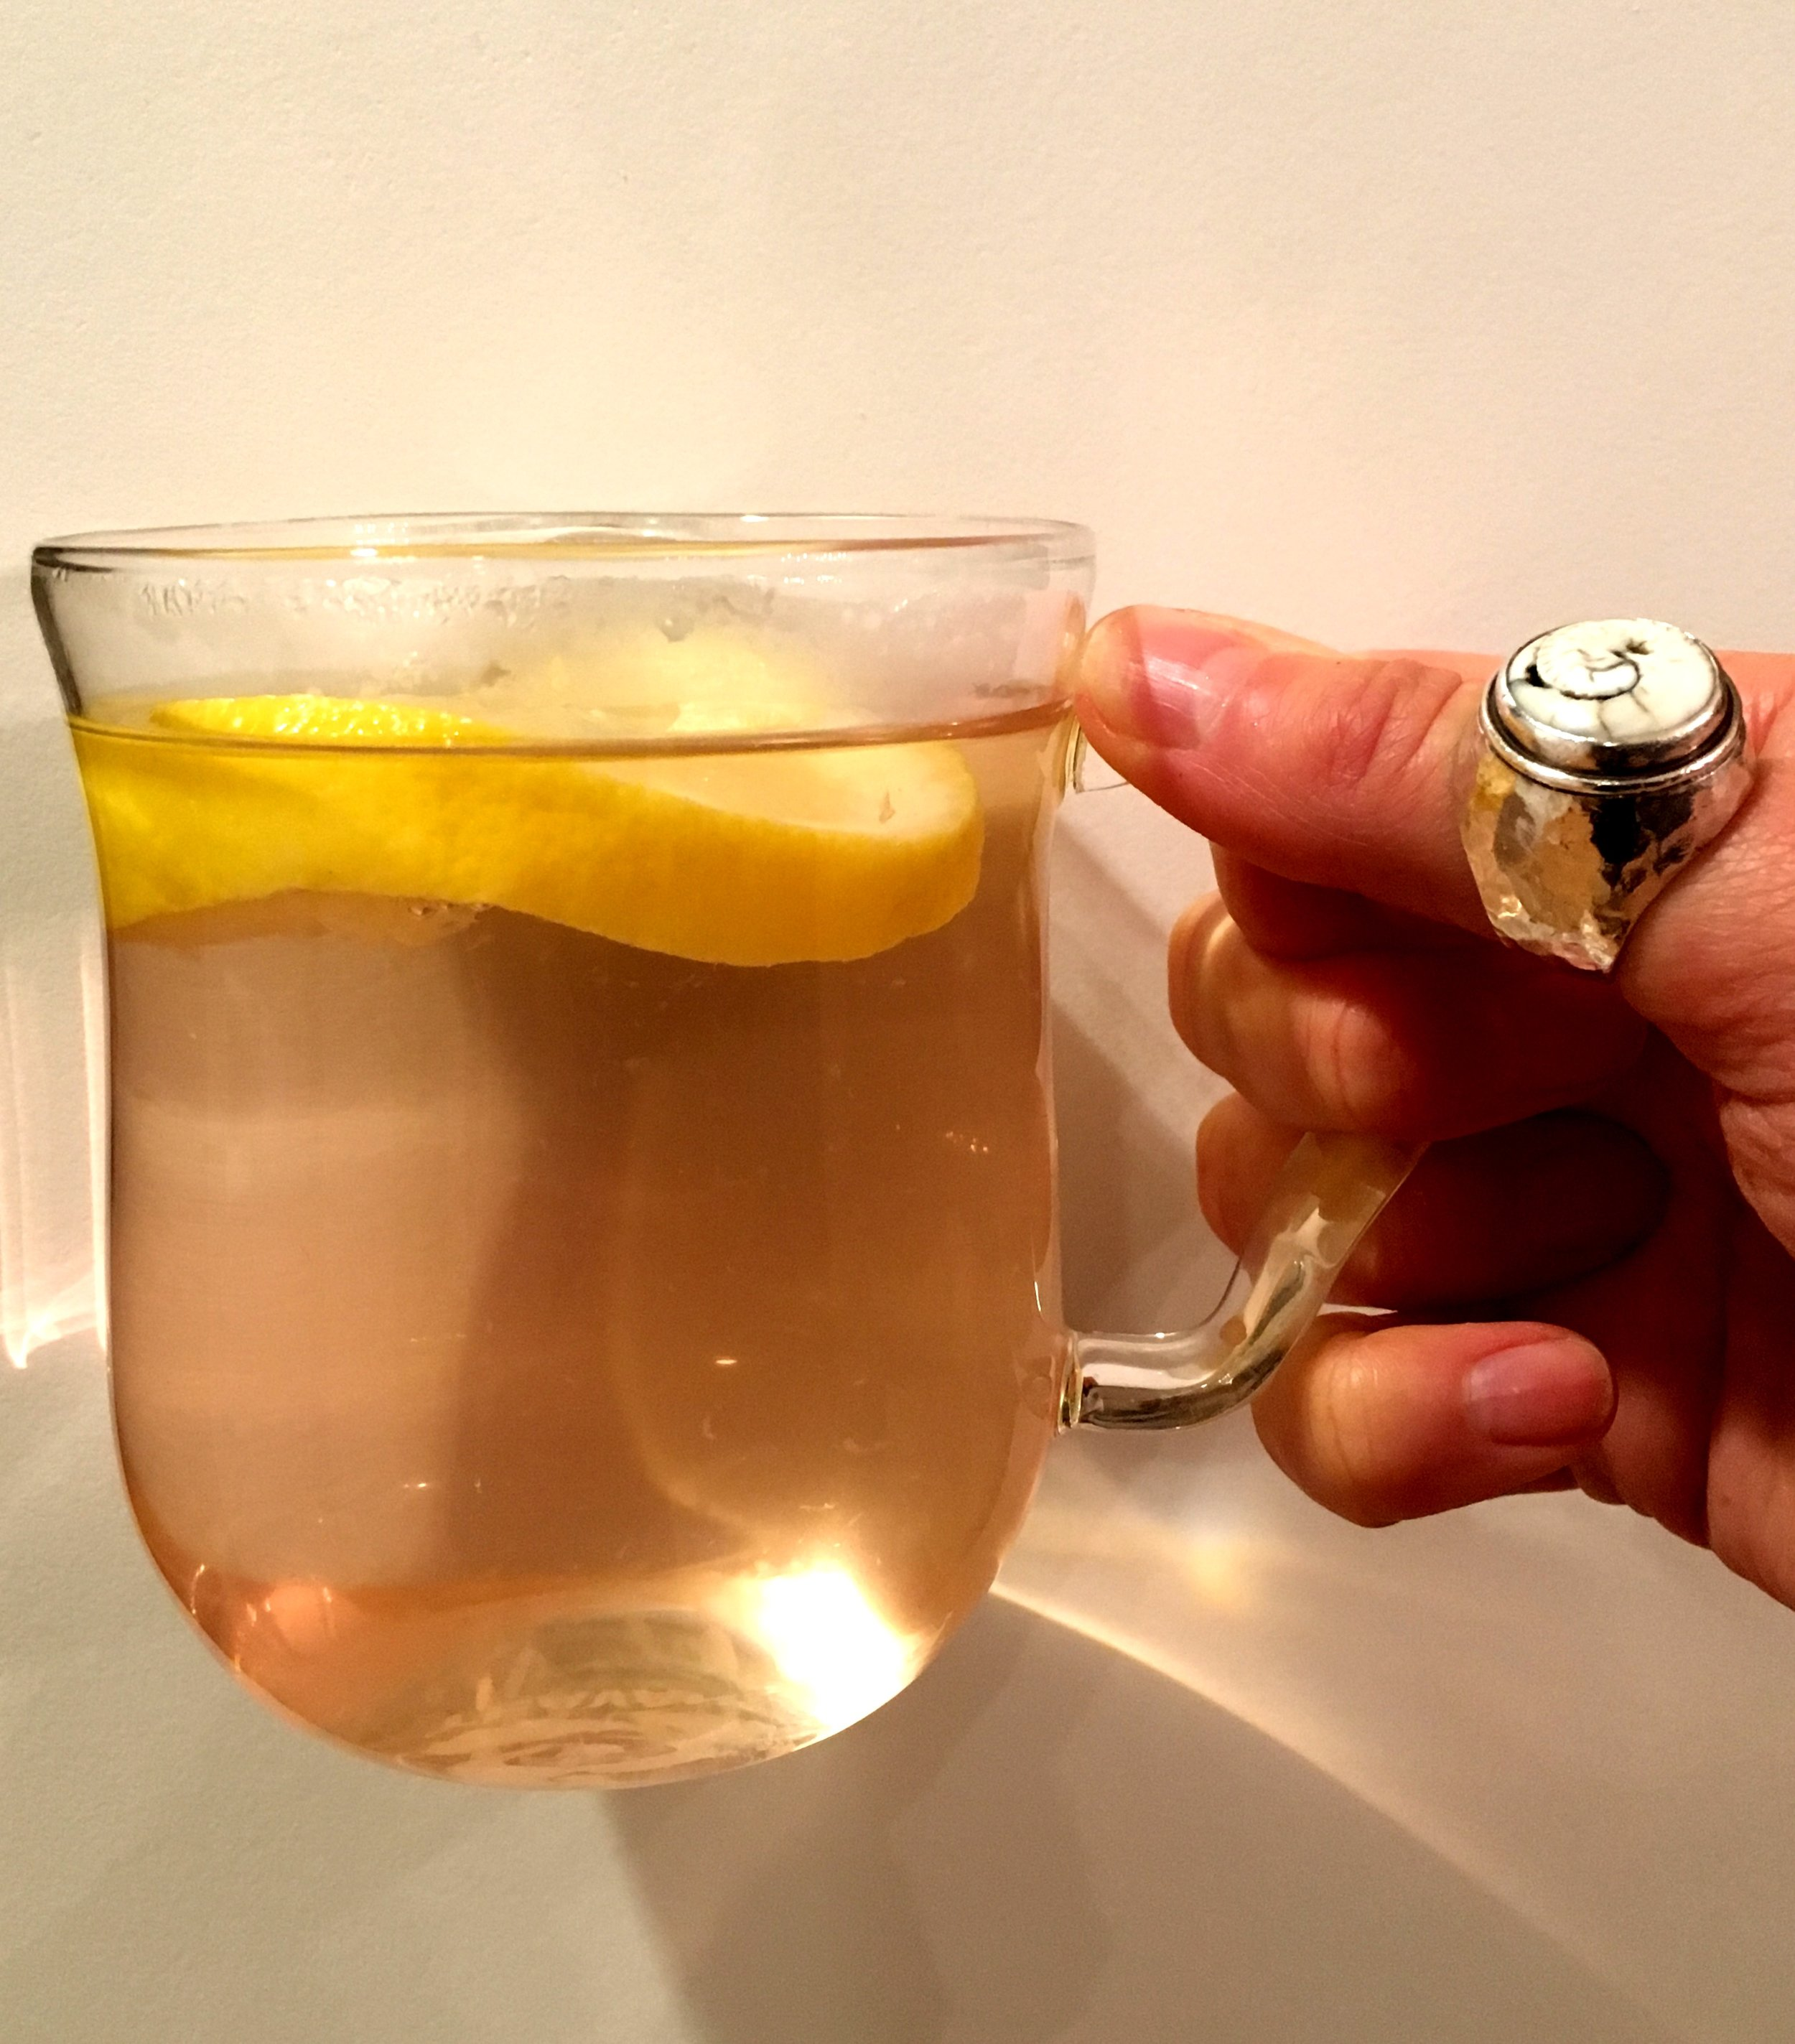 Greens liquid reserve longevity tea